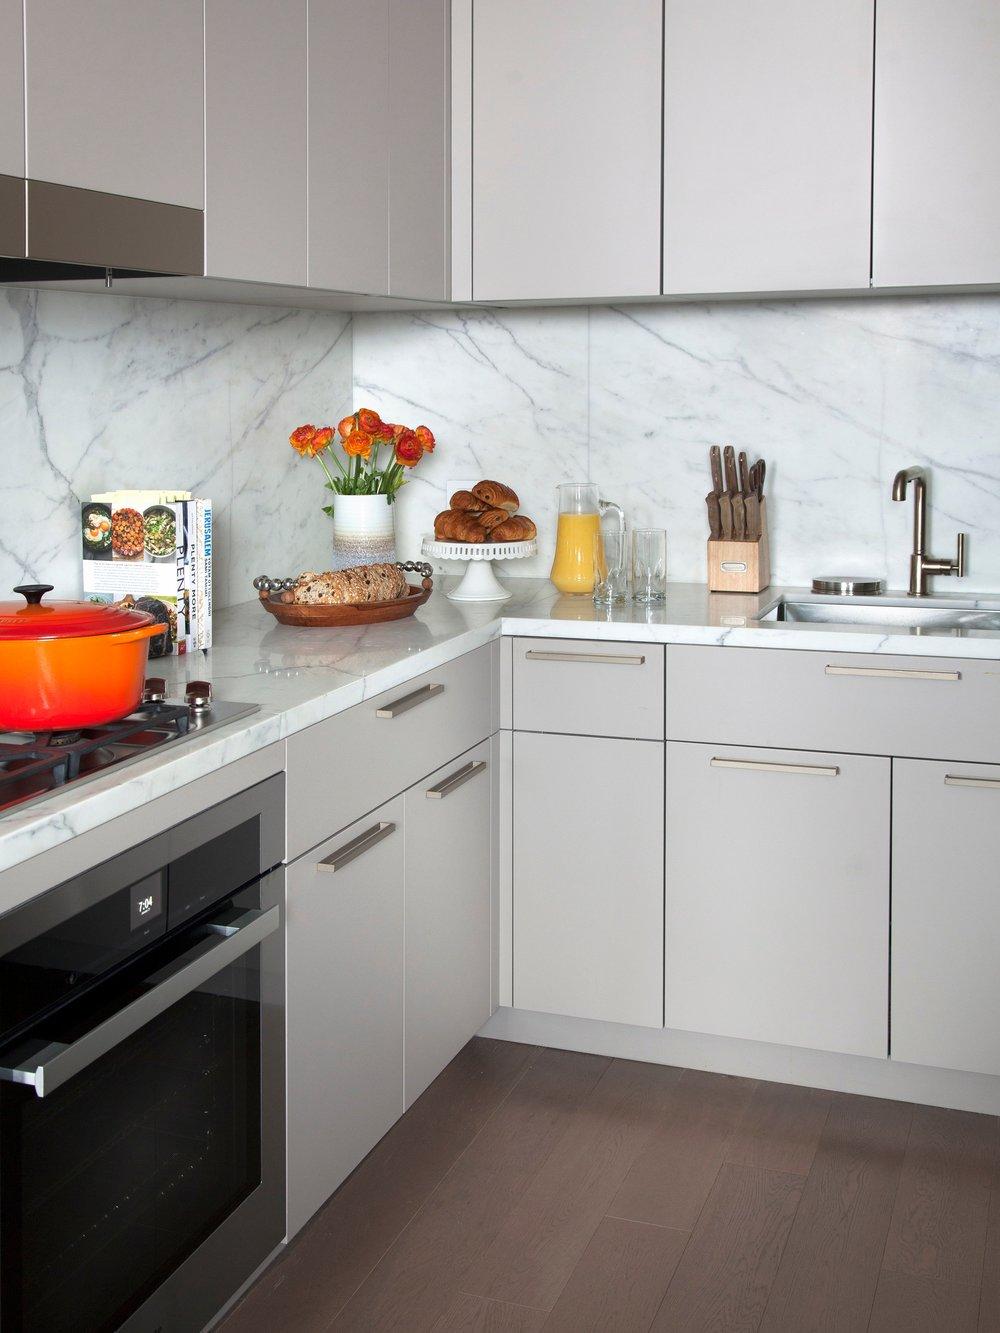 ArditiDesign_MidtownEast_Kitchen.jpg